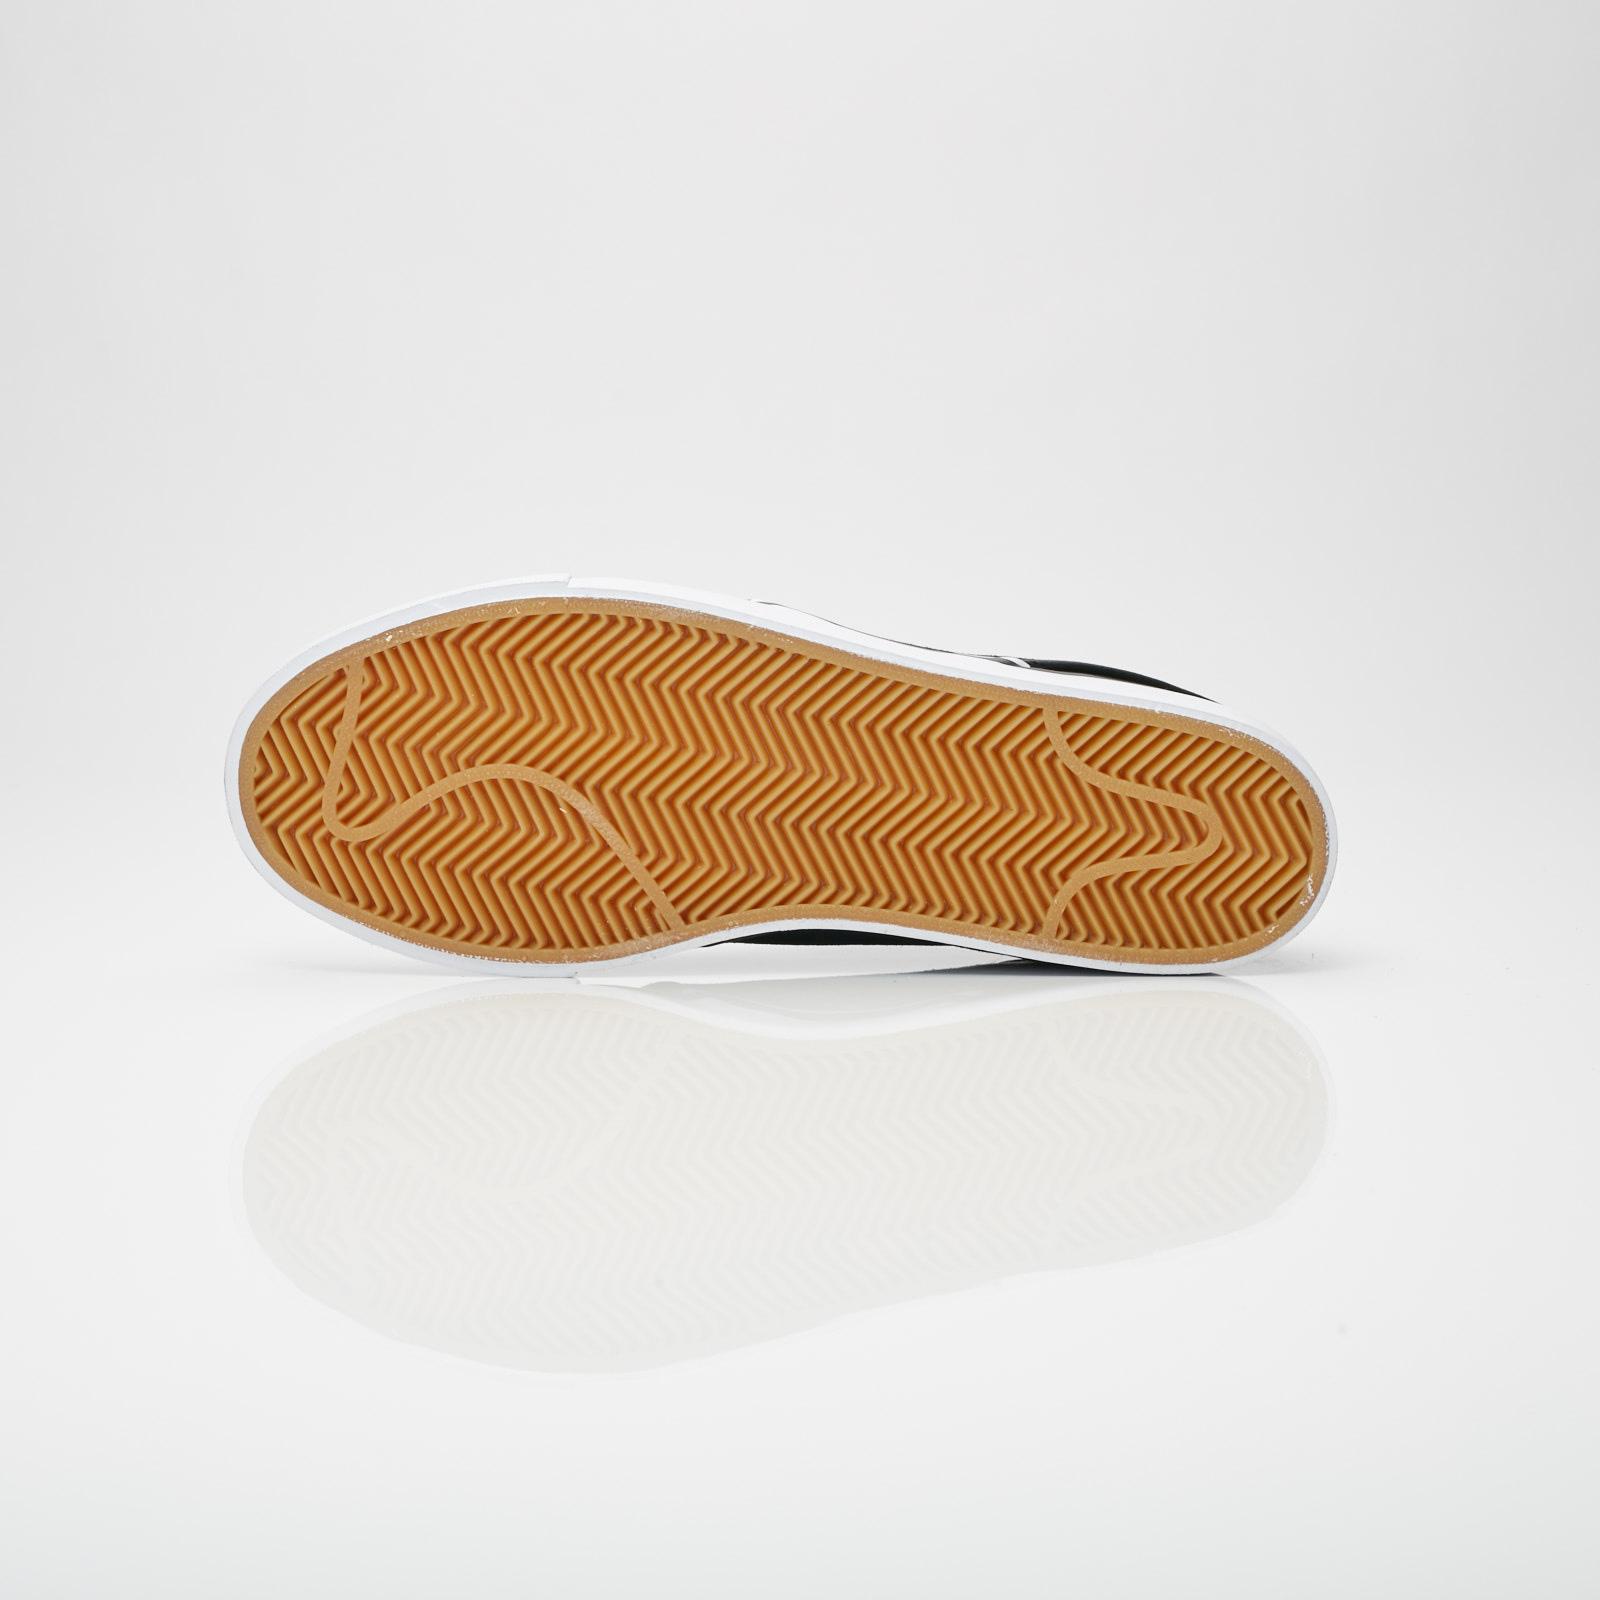 separation shoes 7152c 05d79 Nike Zoom Stefan Janoski OG - 833603-012 - Sneakersnstuff   sneakers    streetwear online since 1999